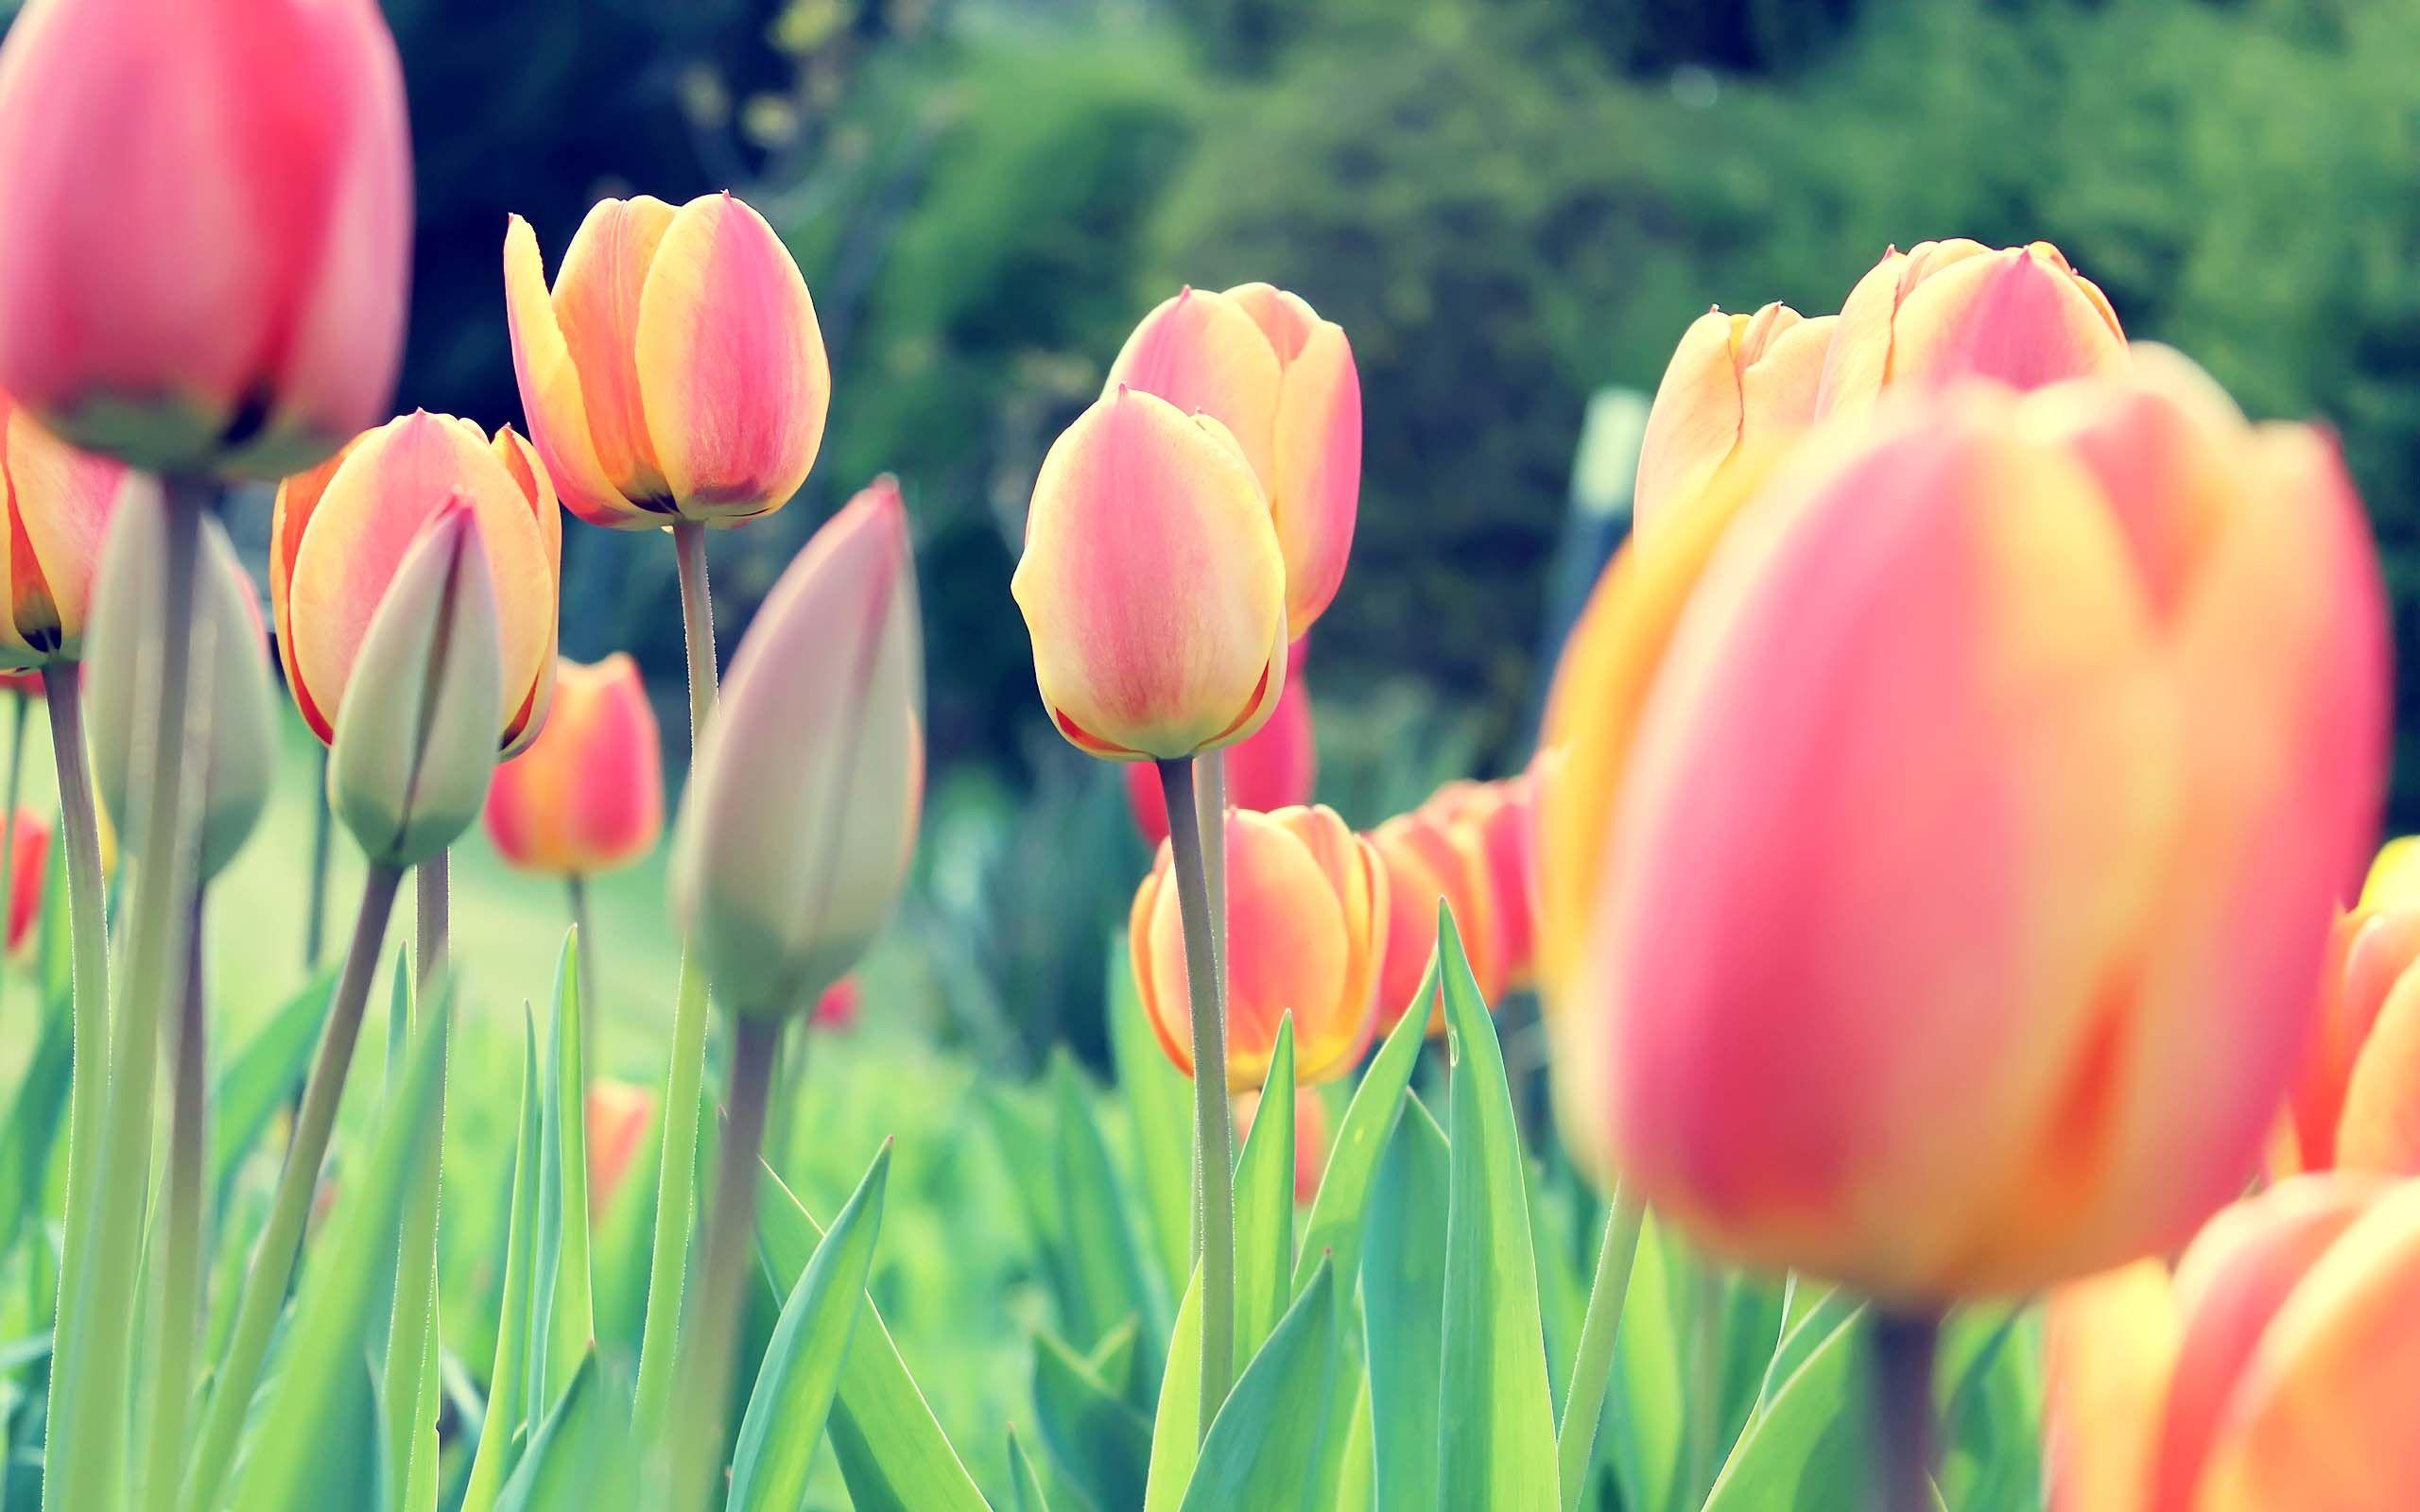 Flower Tulips Free Desktop Wallpaper 2560x1600